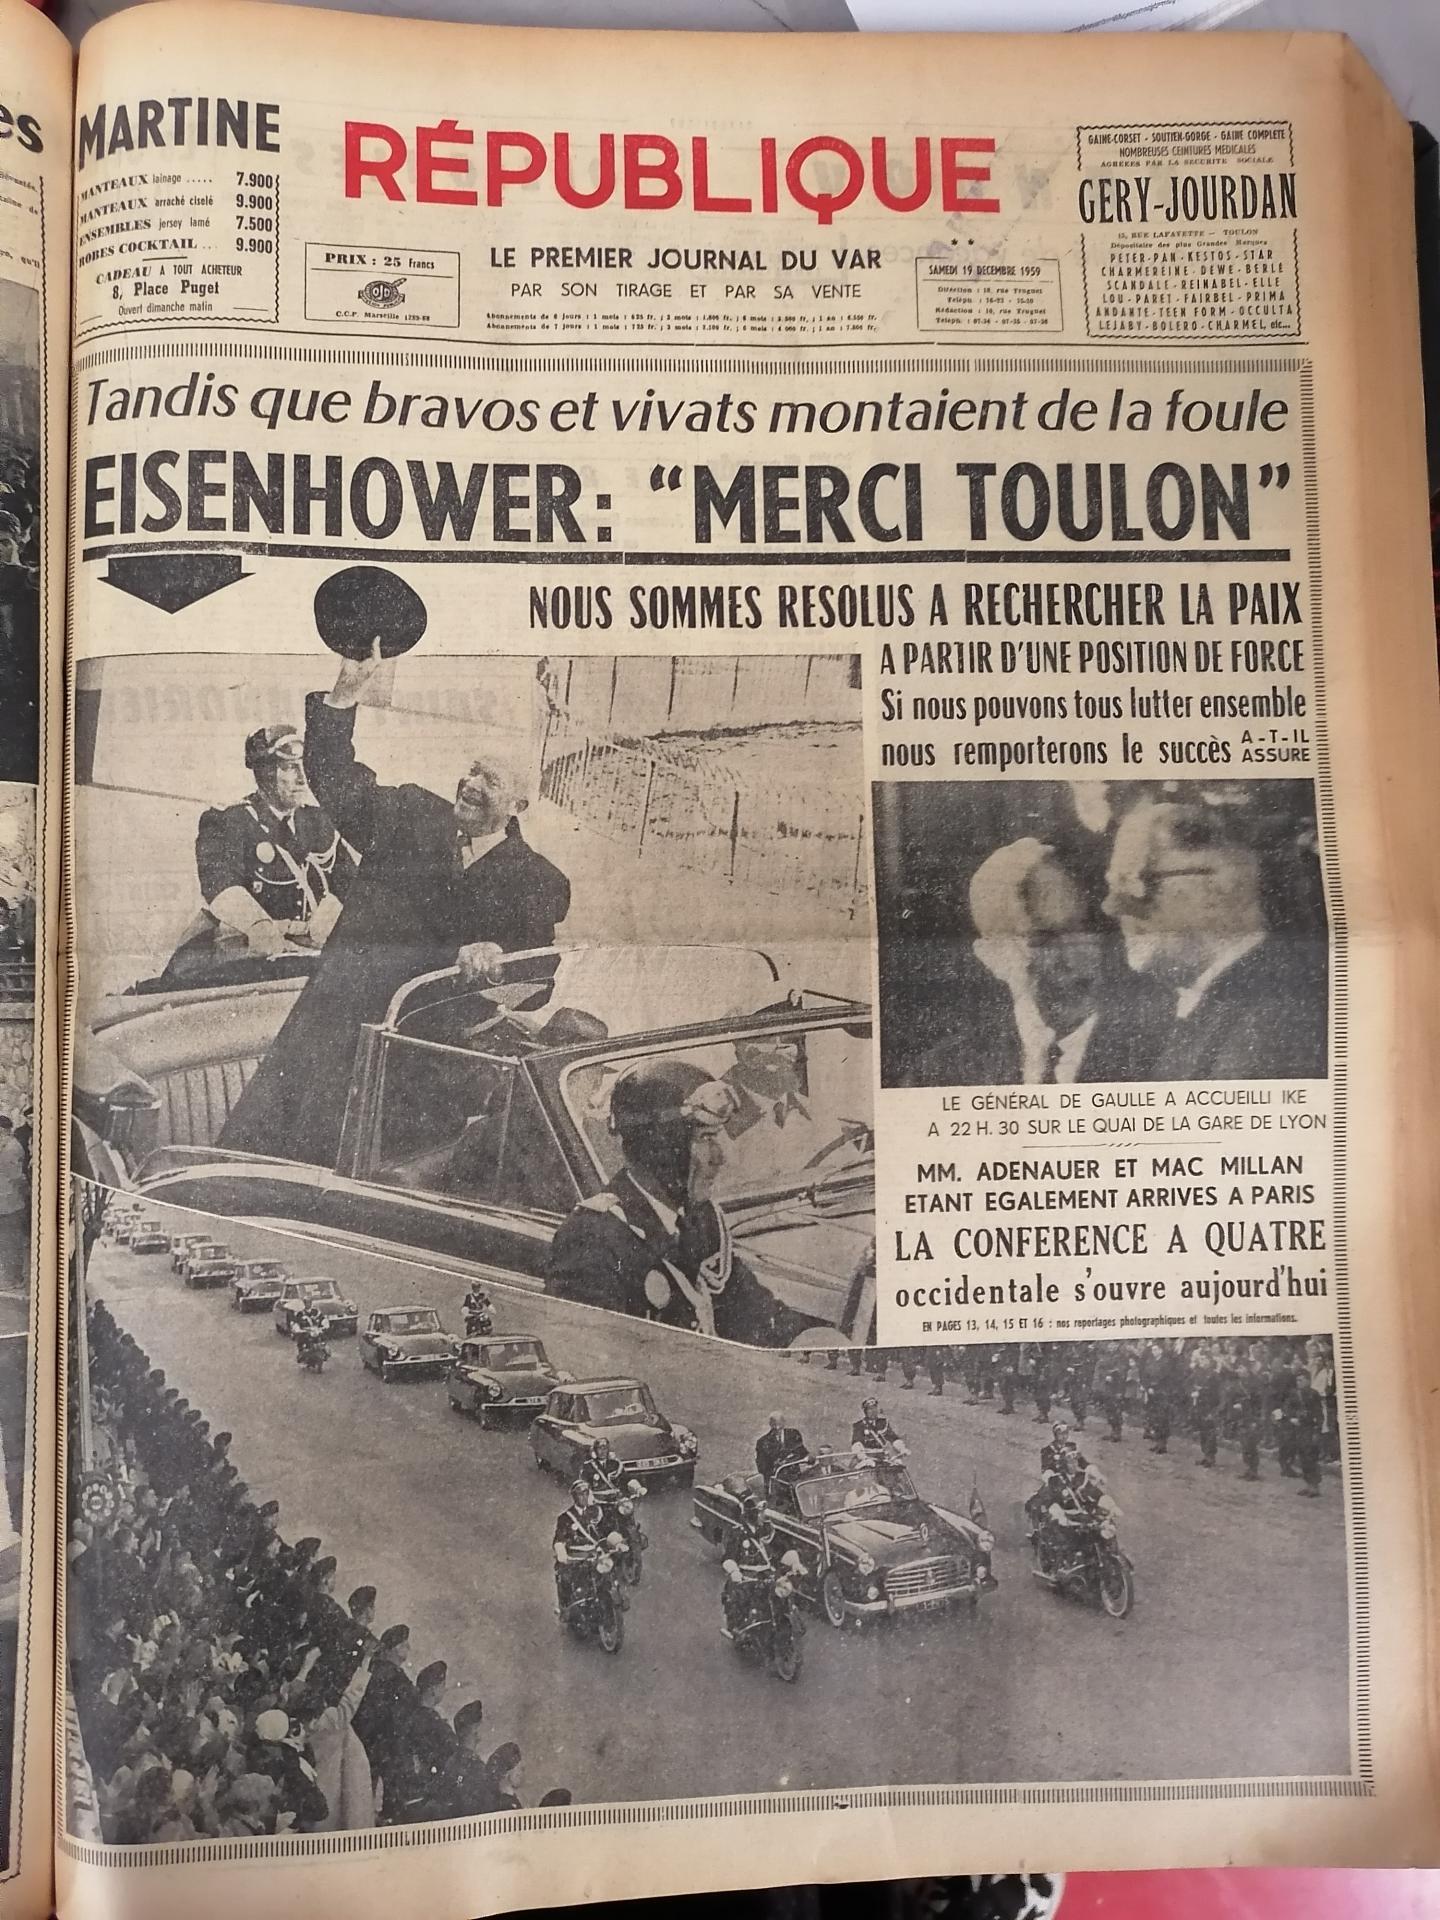 La Une de République en 1959.